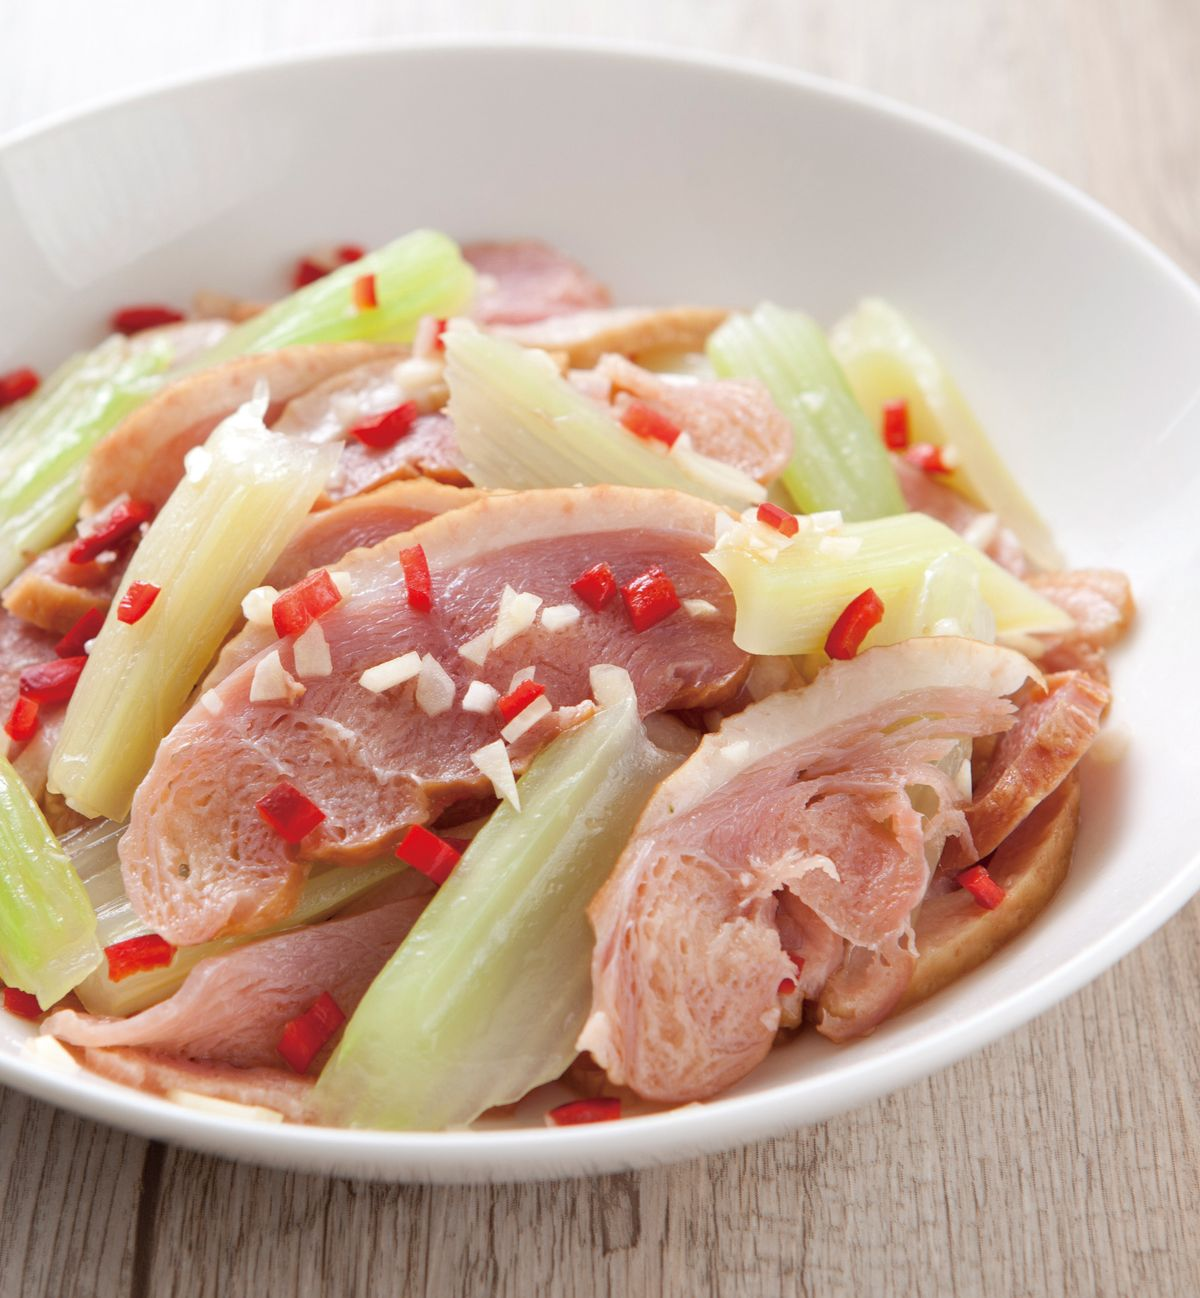 食譜:西芹拌燻鴨